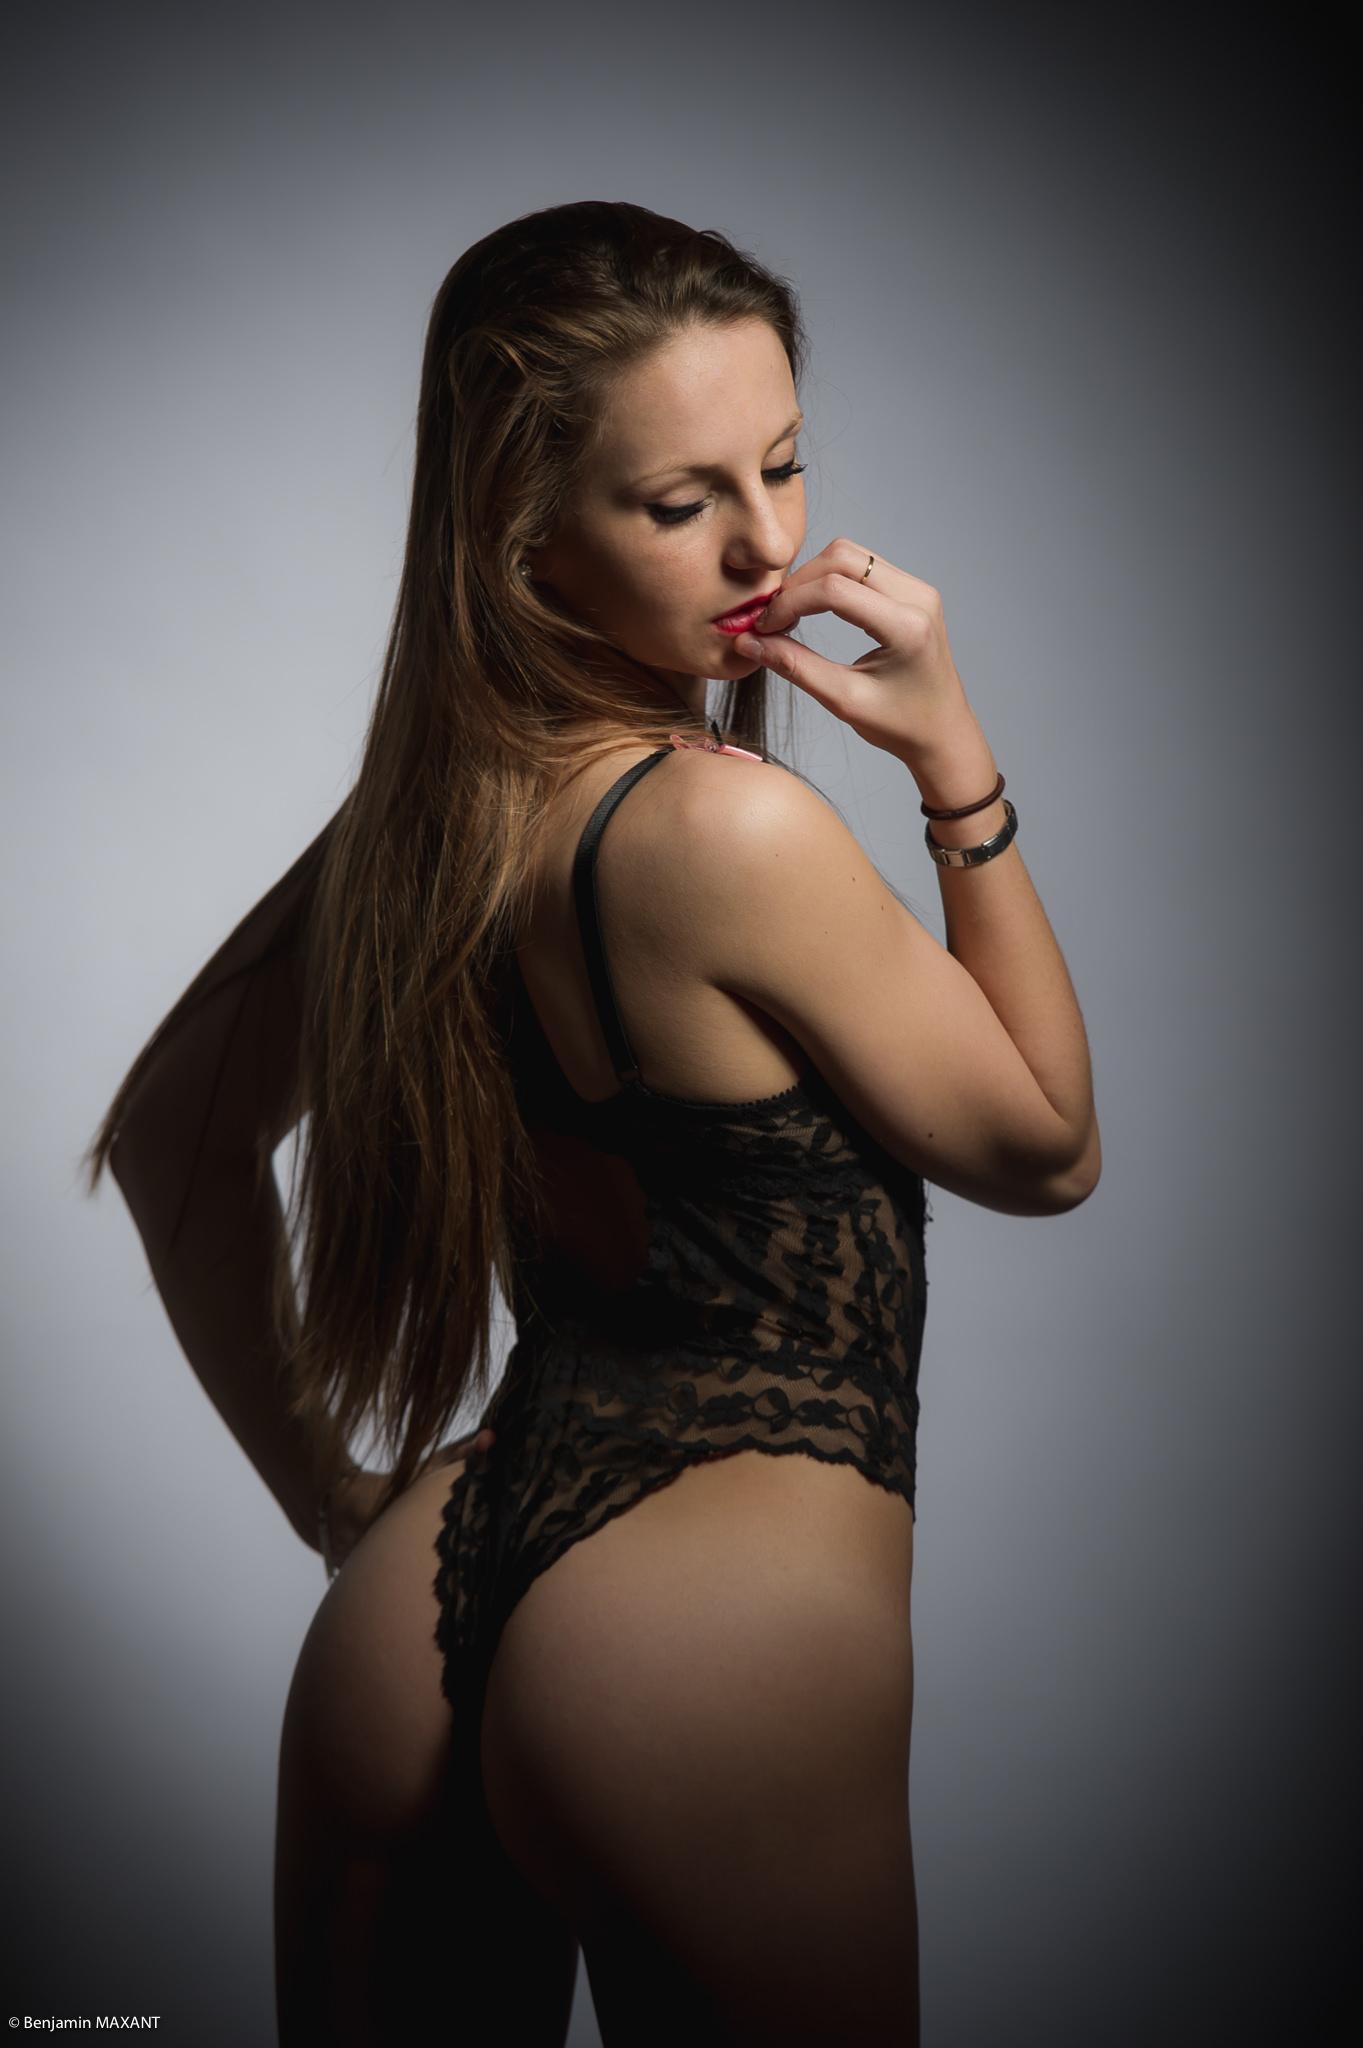 Séance photo lingerie en studio avec Manon - ensemble body noir et rose